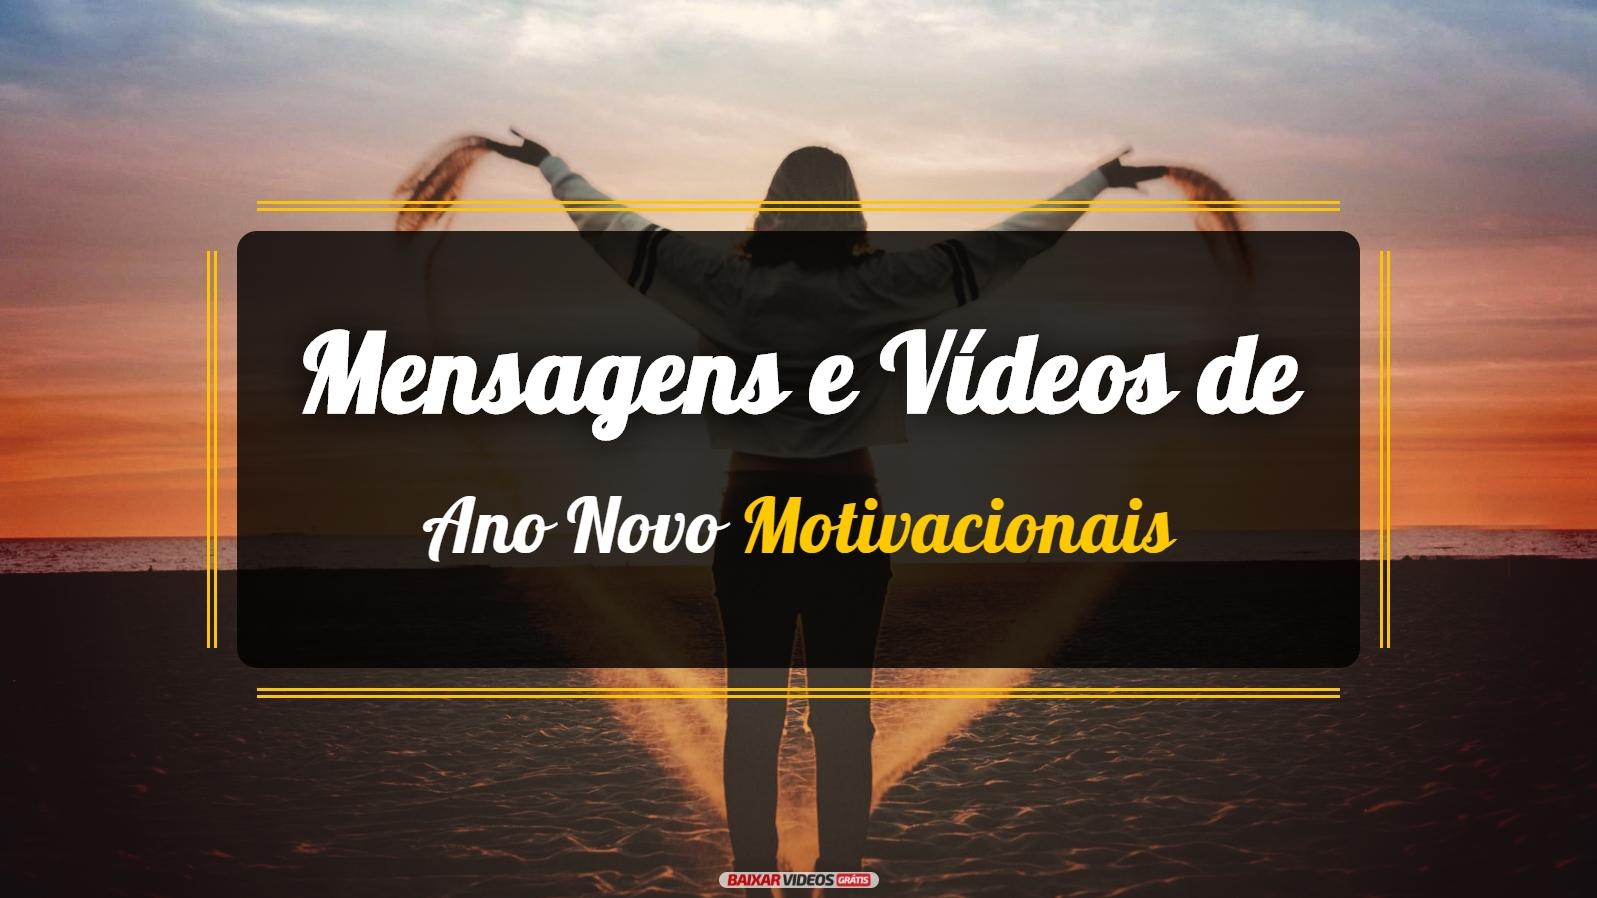 Motivacional Mensagens E Vídeos De Ano Novo Motivacionais